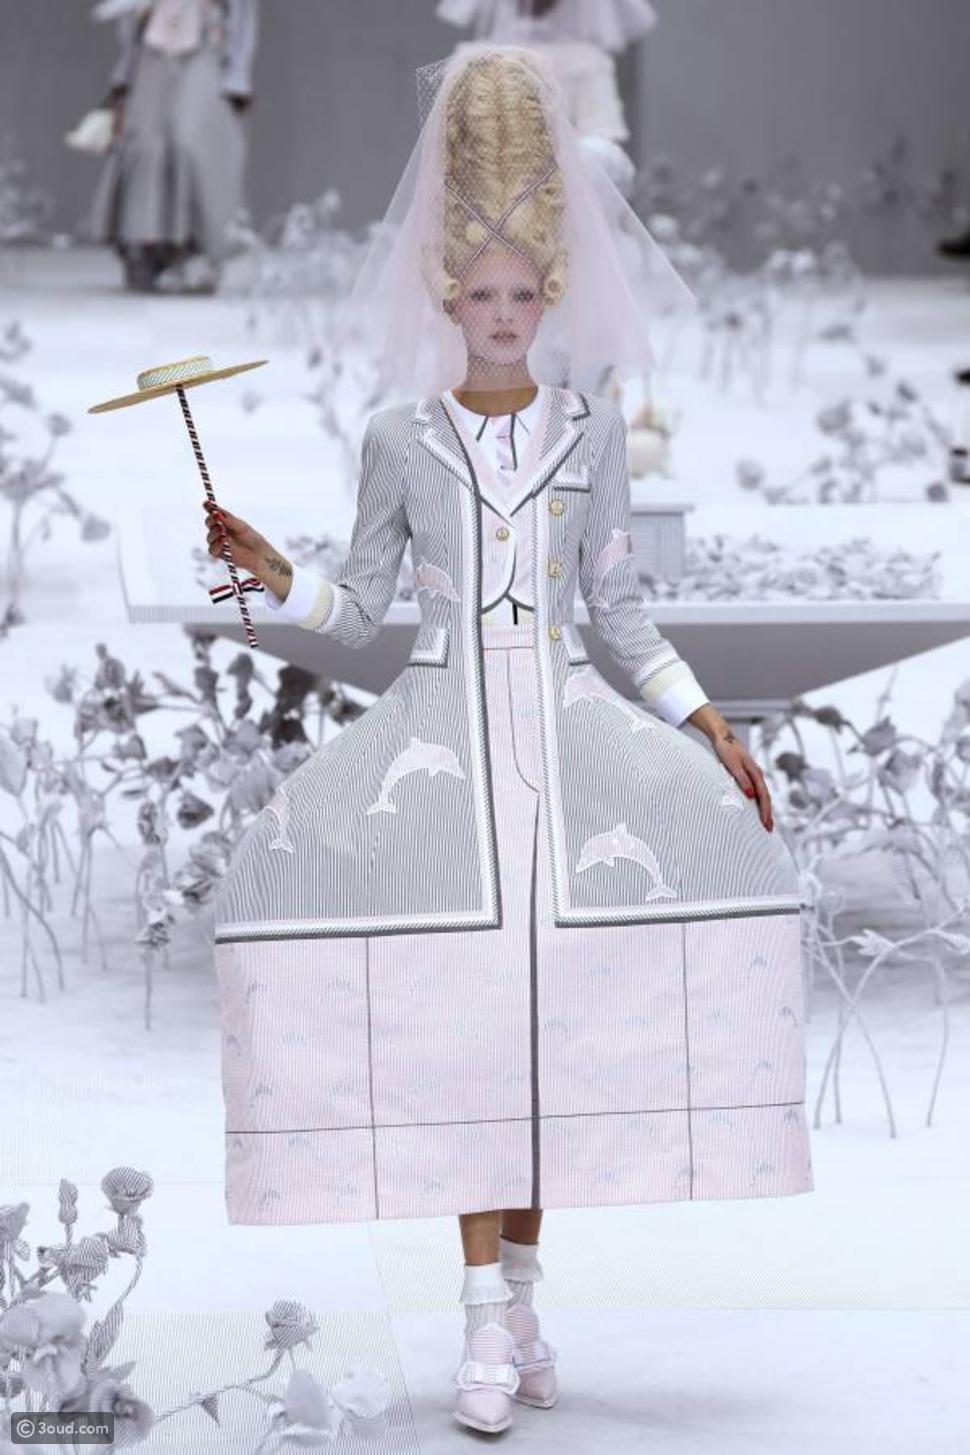 توم براون يصمّم حديقة بيضاء لتقديم عرضه في باريس